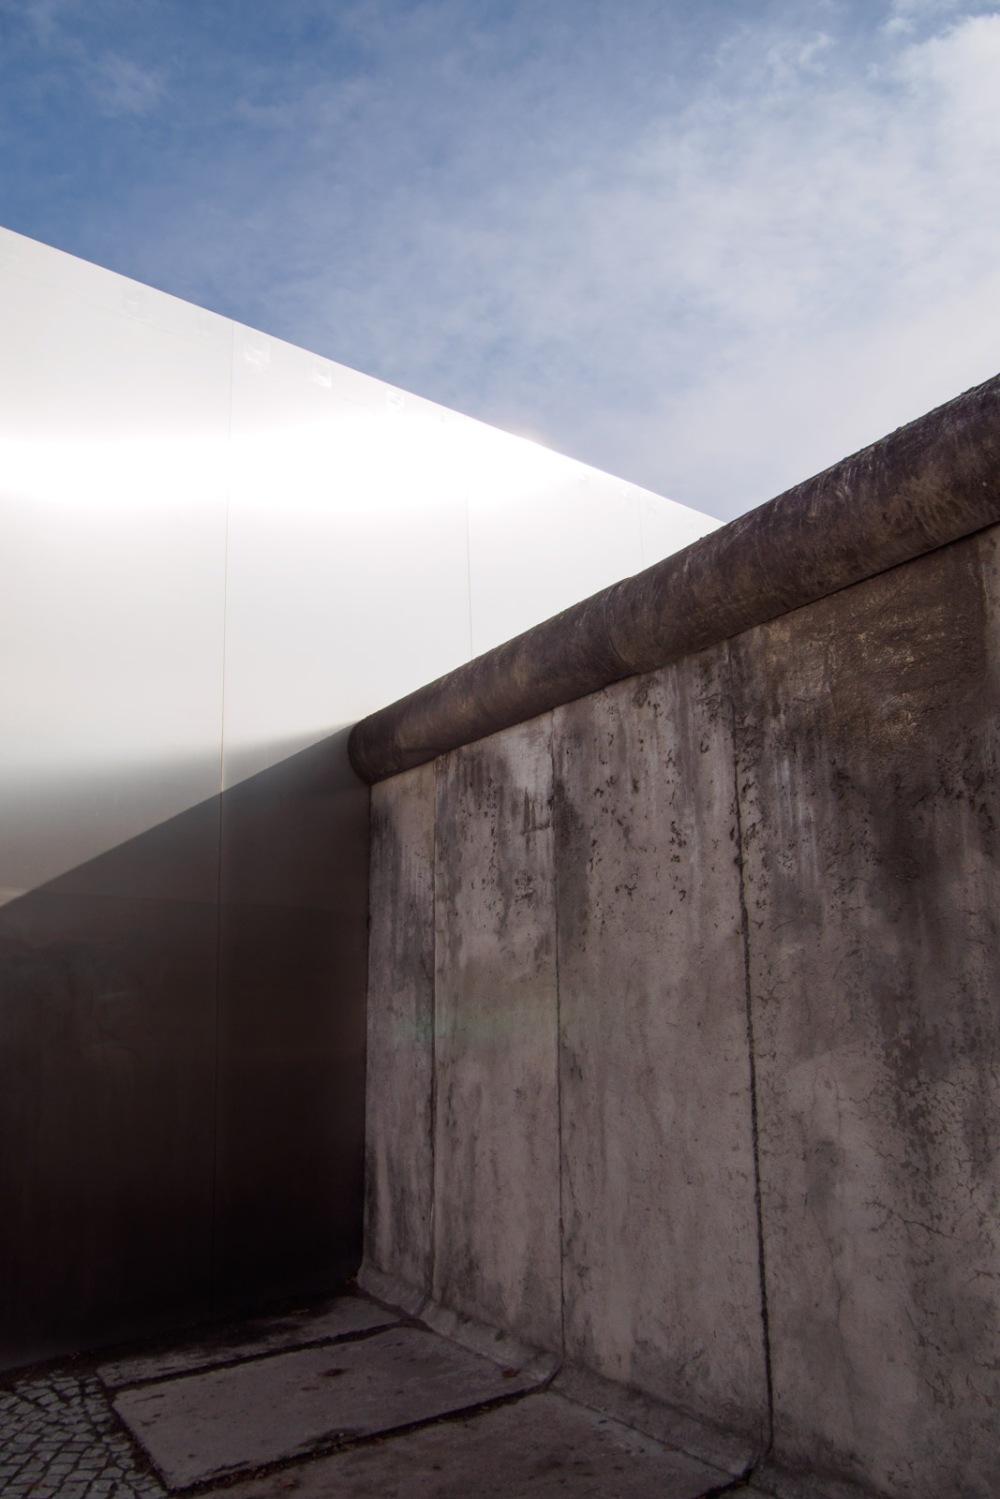 berlin wall